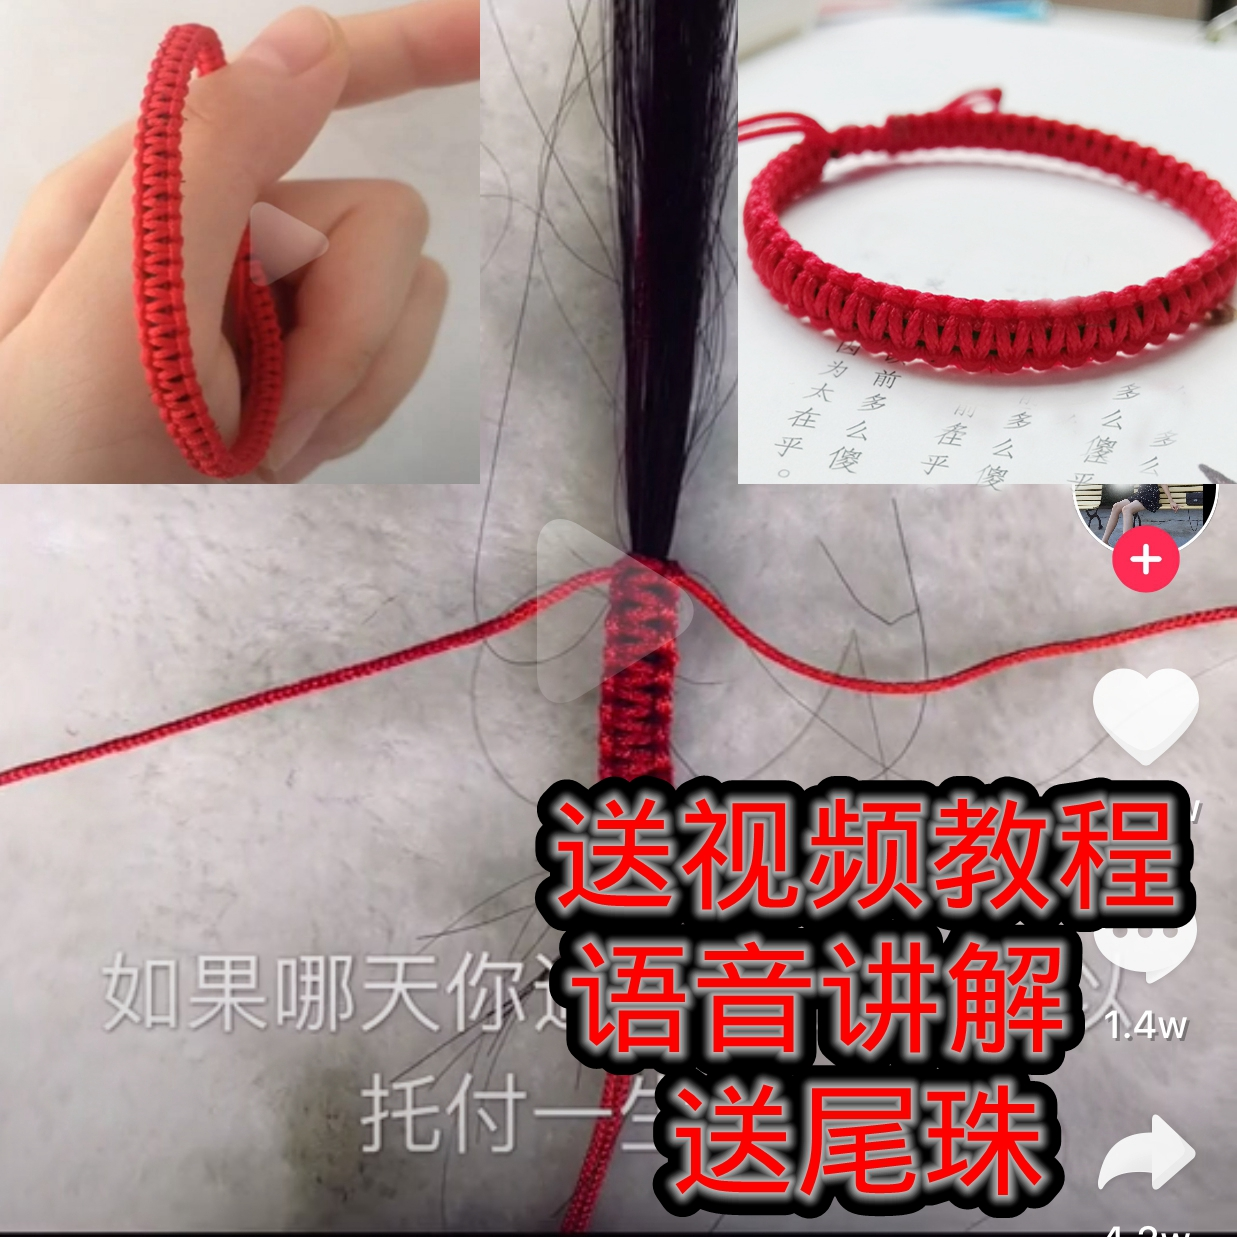 一缕青丝一缕魂红锦系命送爱人男友手绳手链红绳抖音同款头发编织